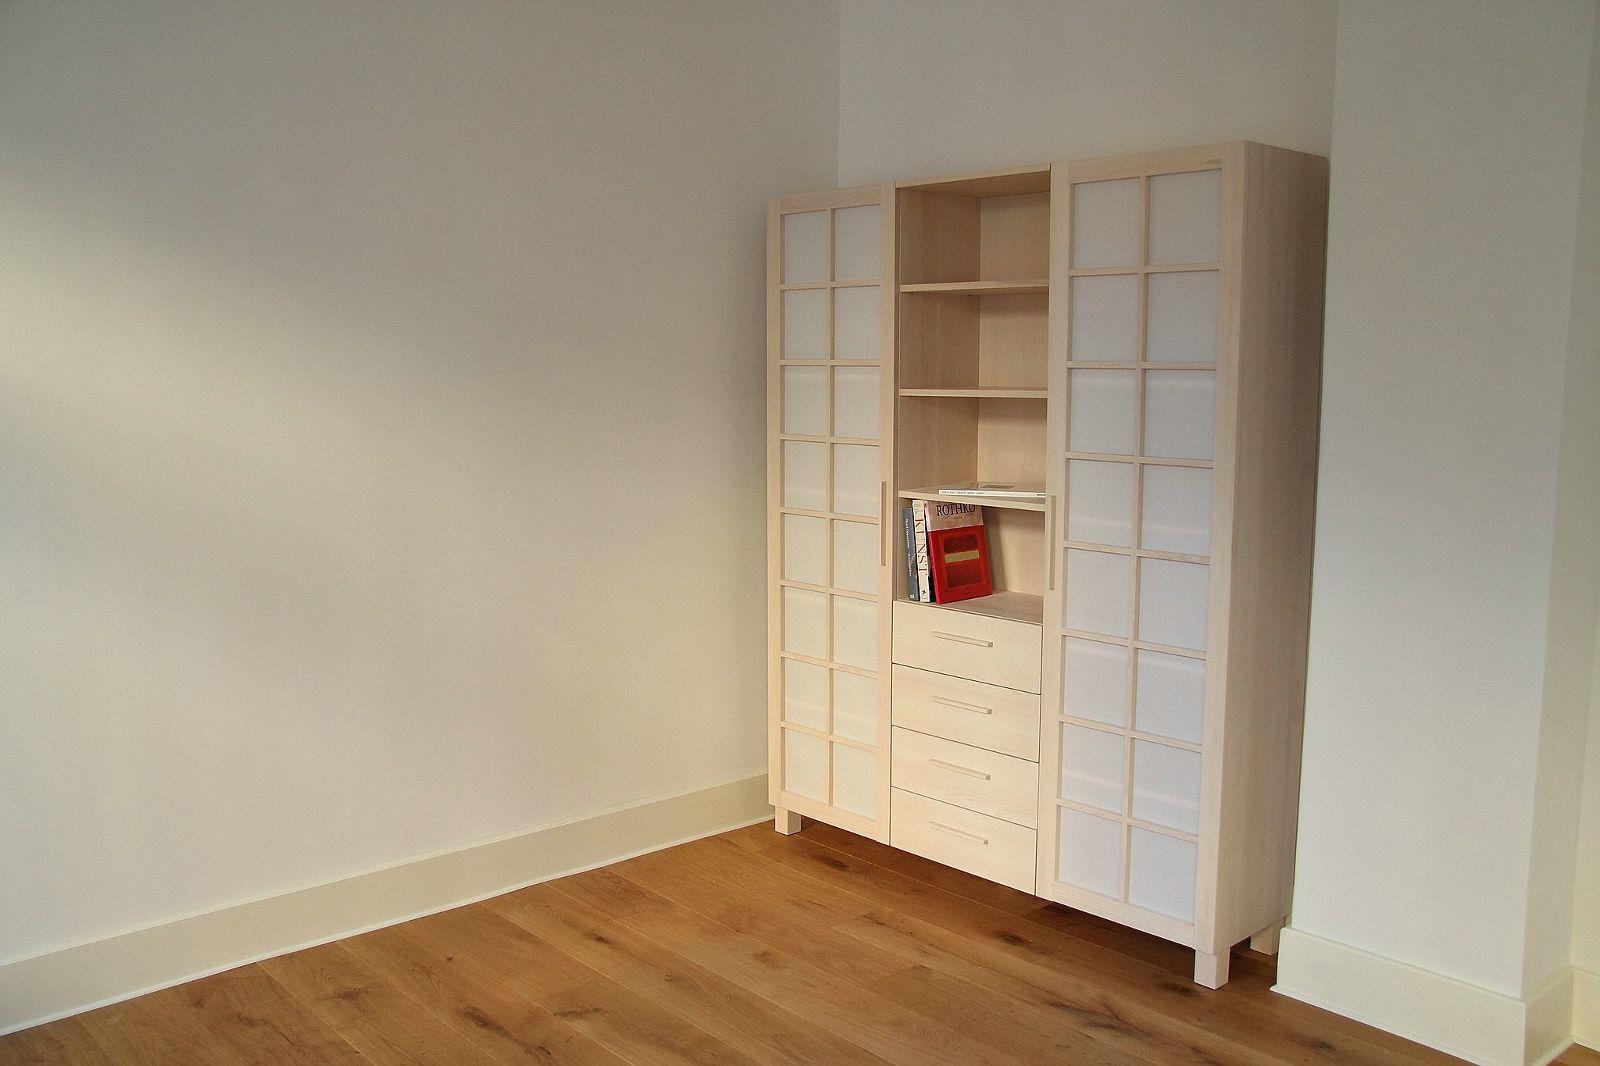 Matalia Möbel & Objekte - Schrank